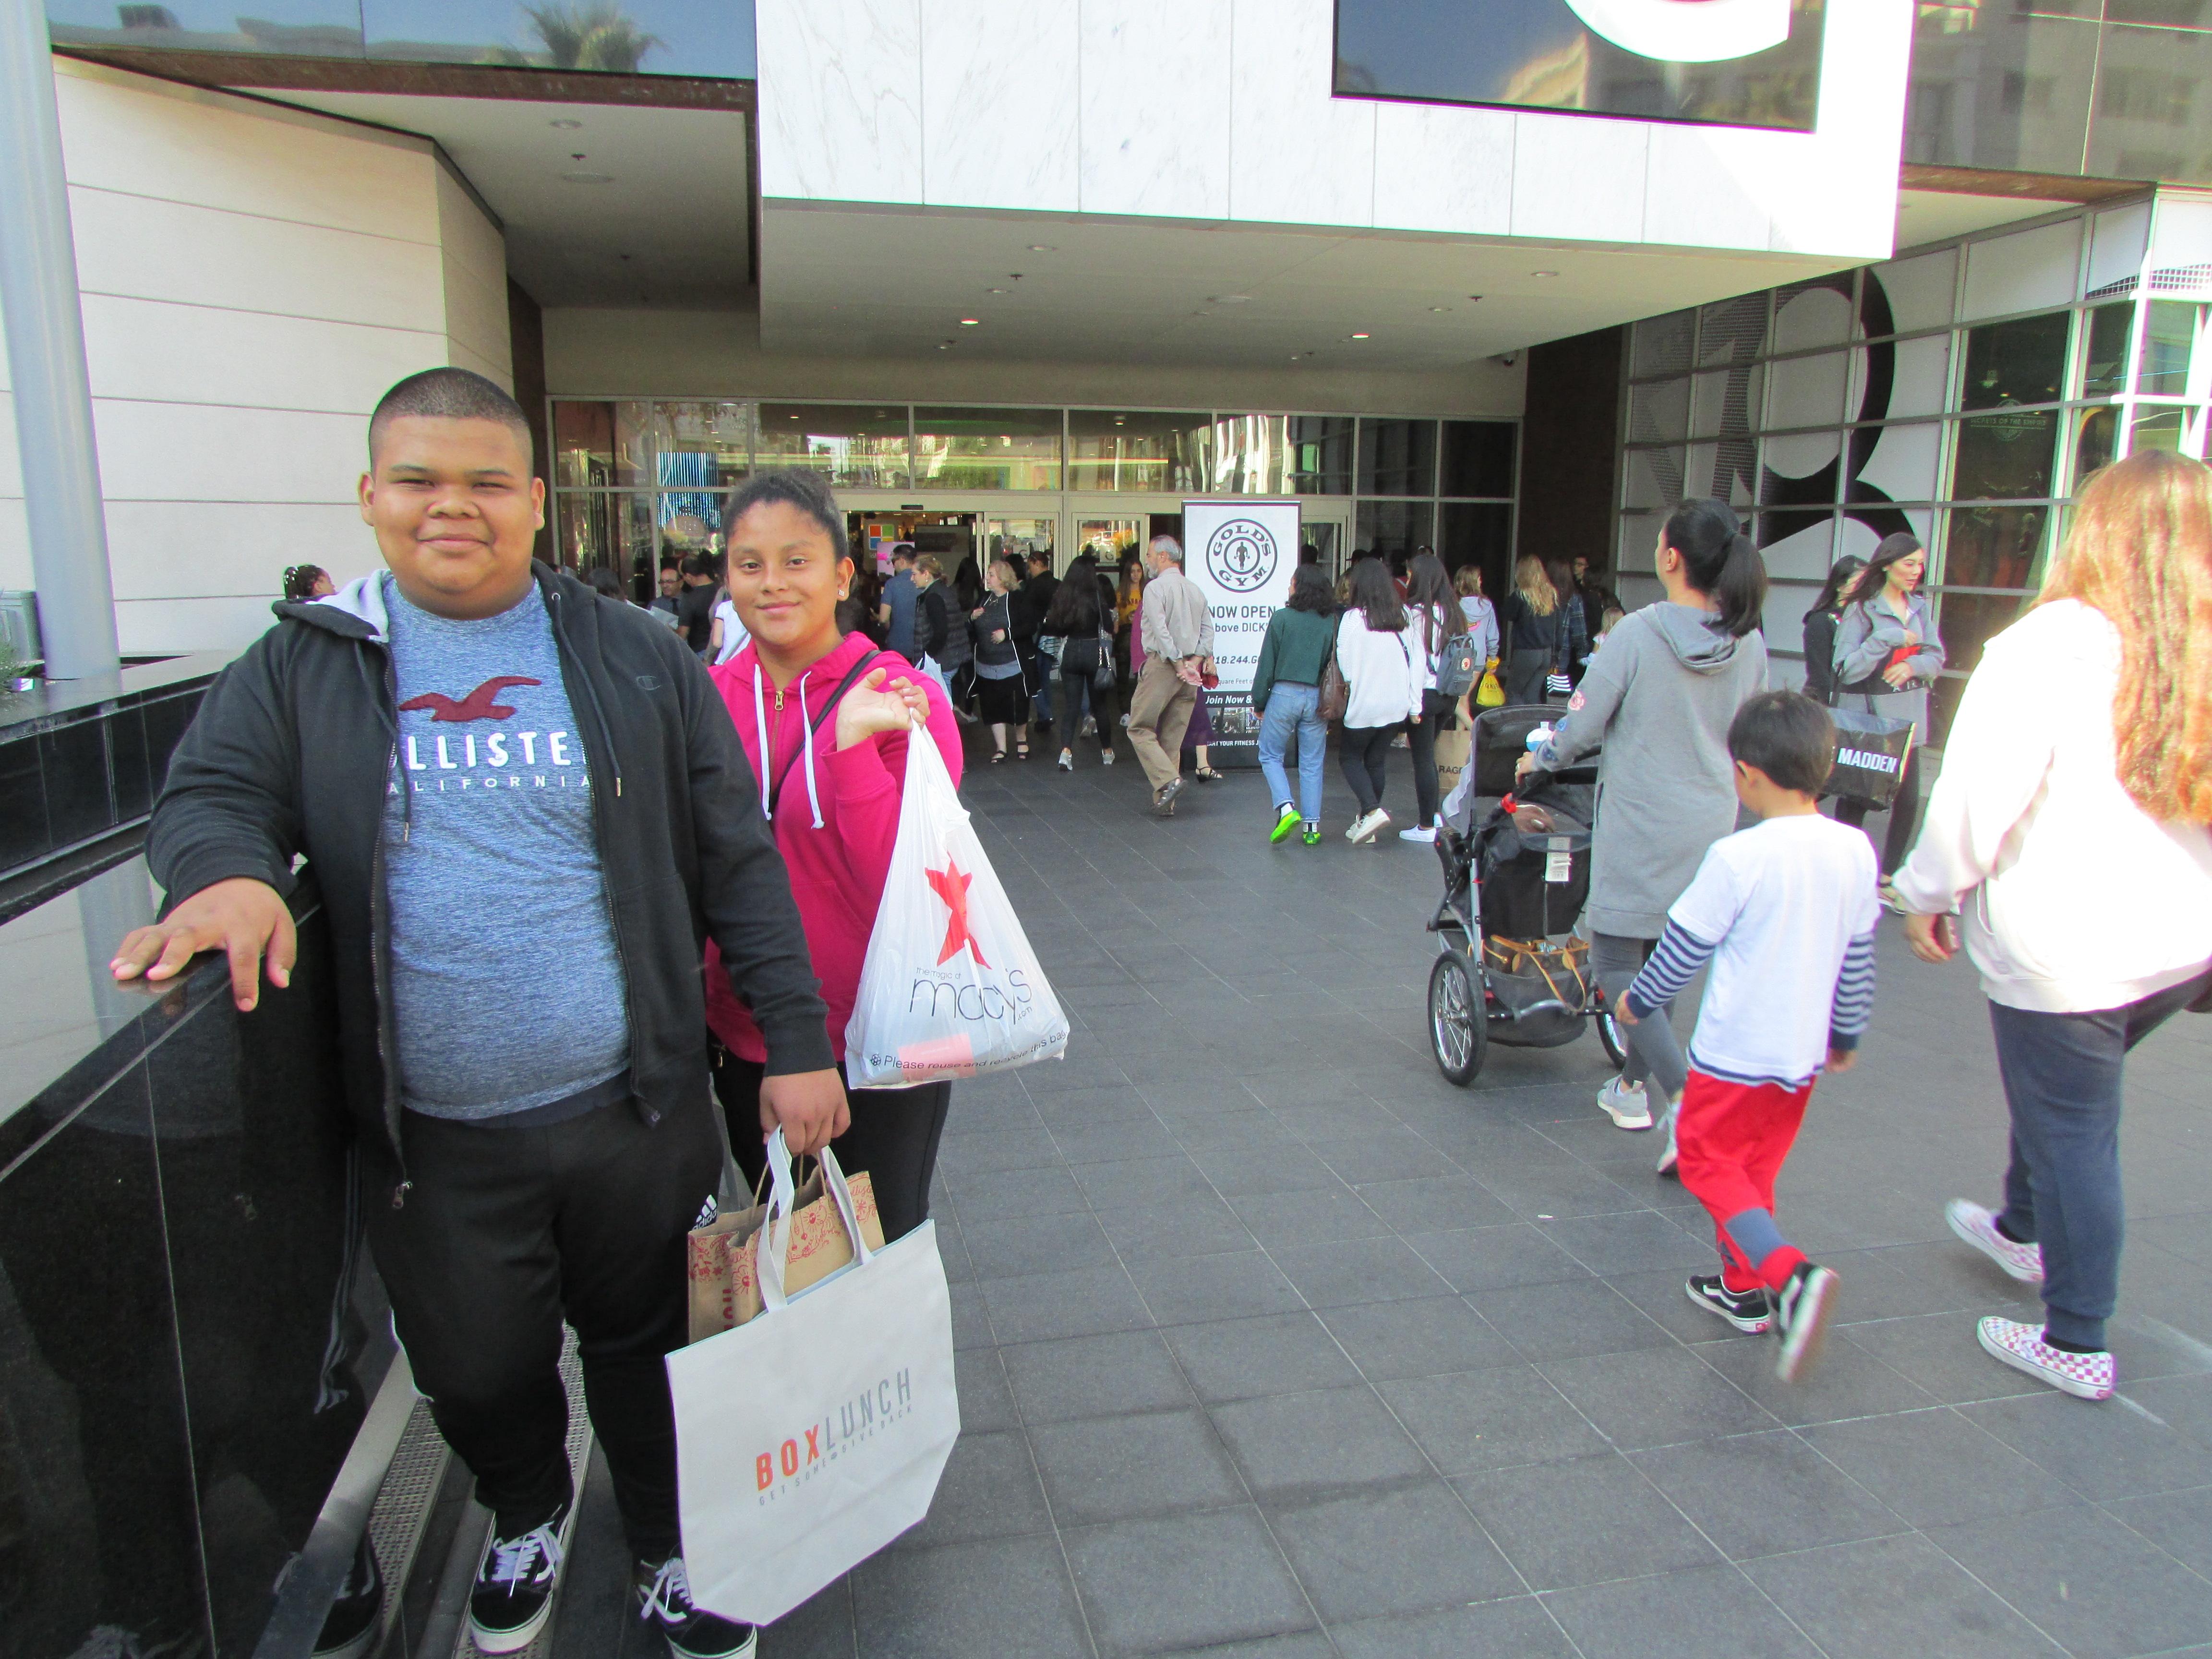 Los hermanos Herrera llegaron temprano al mall de Glendale Galleria por sus compras de Viernes Negro. (Araceli Martínez/La Opinión).